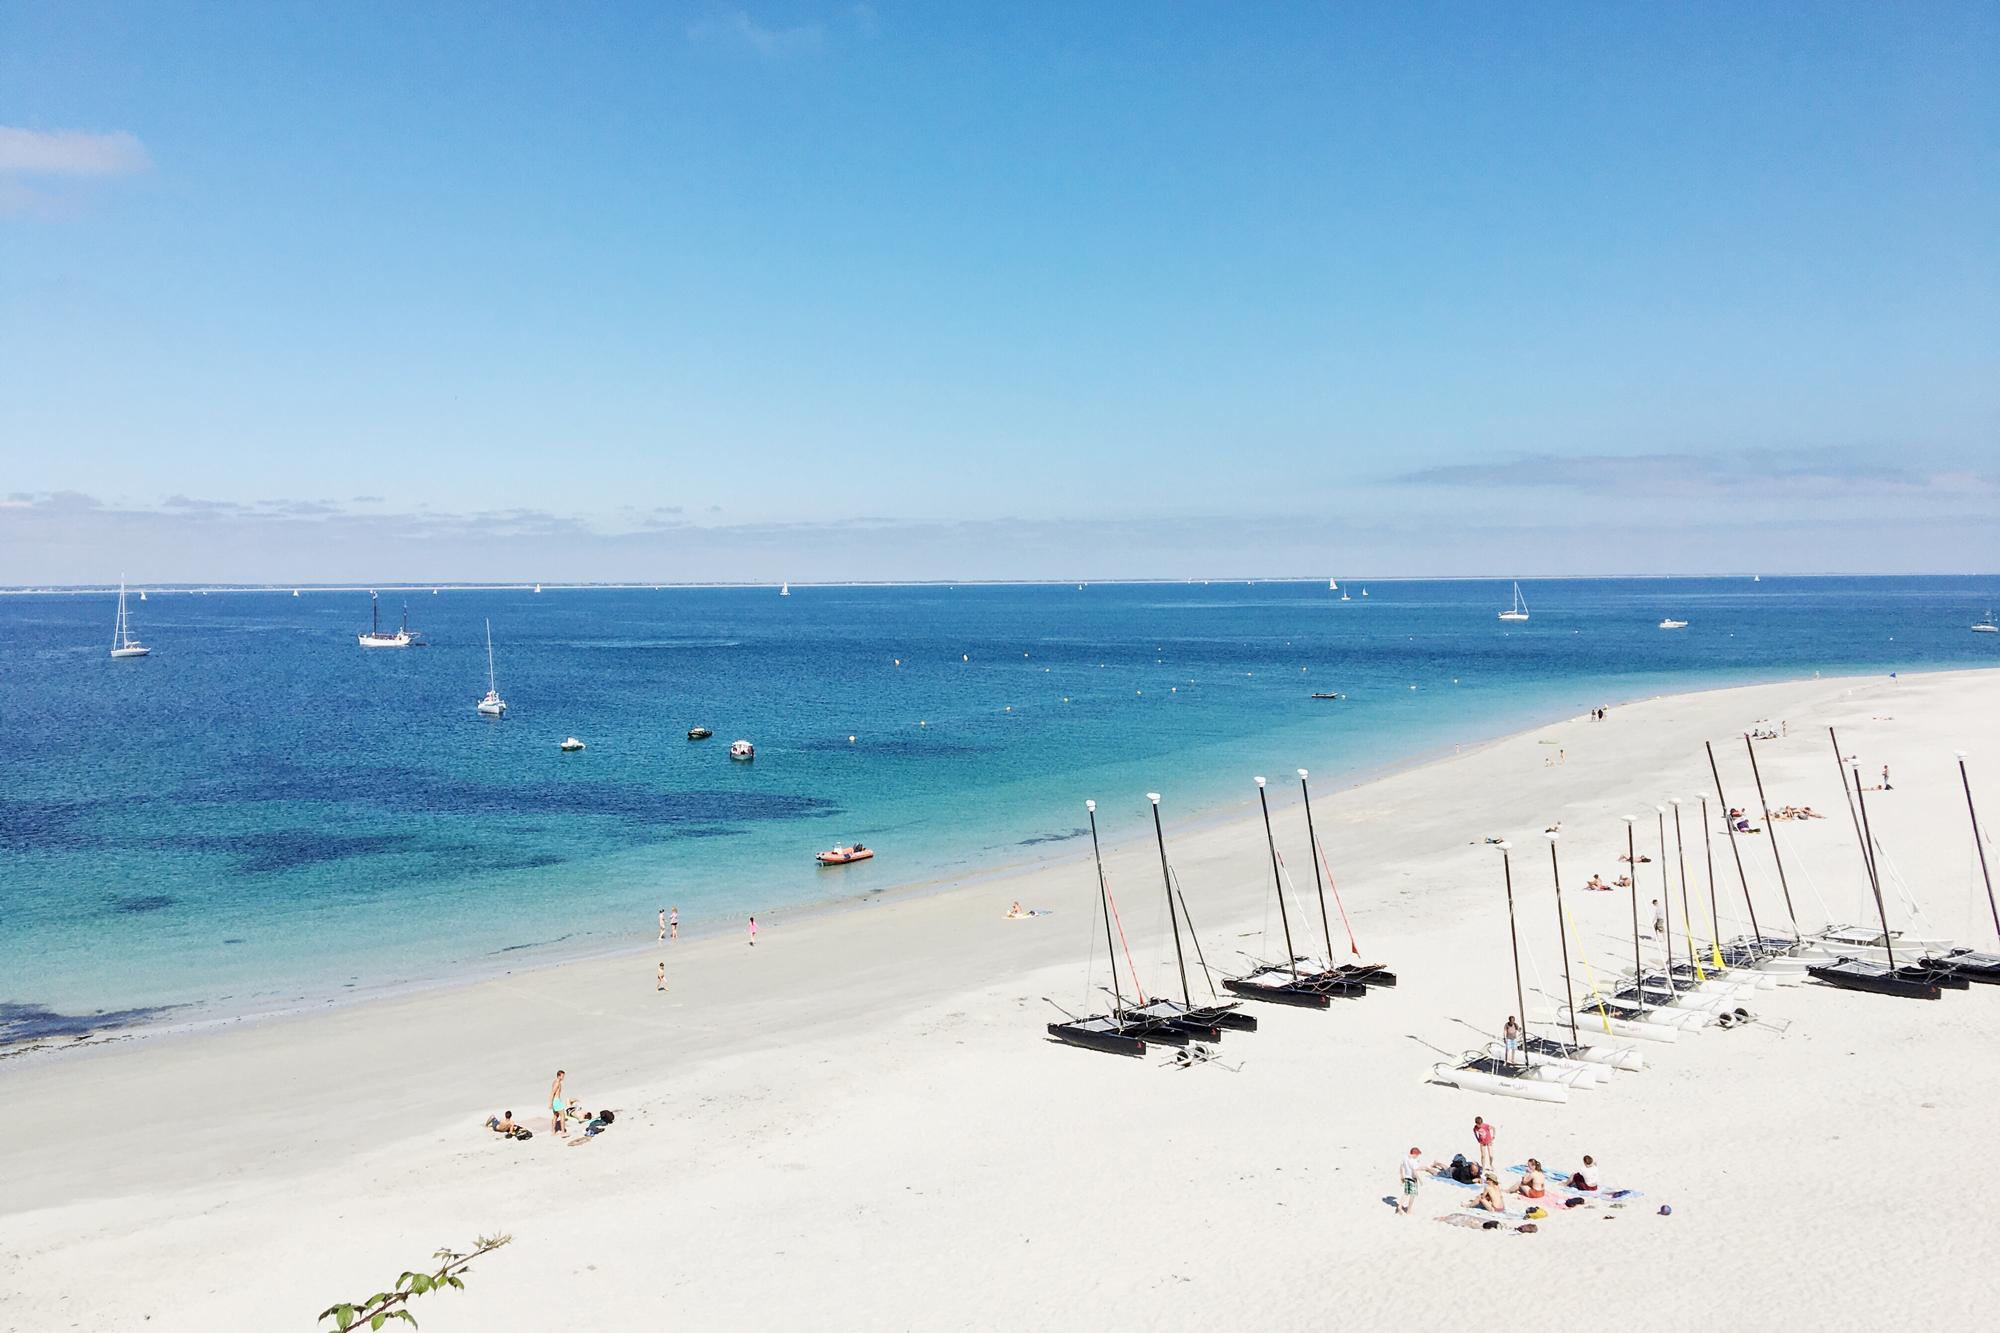 plage-grands-sables-002